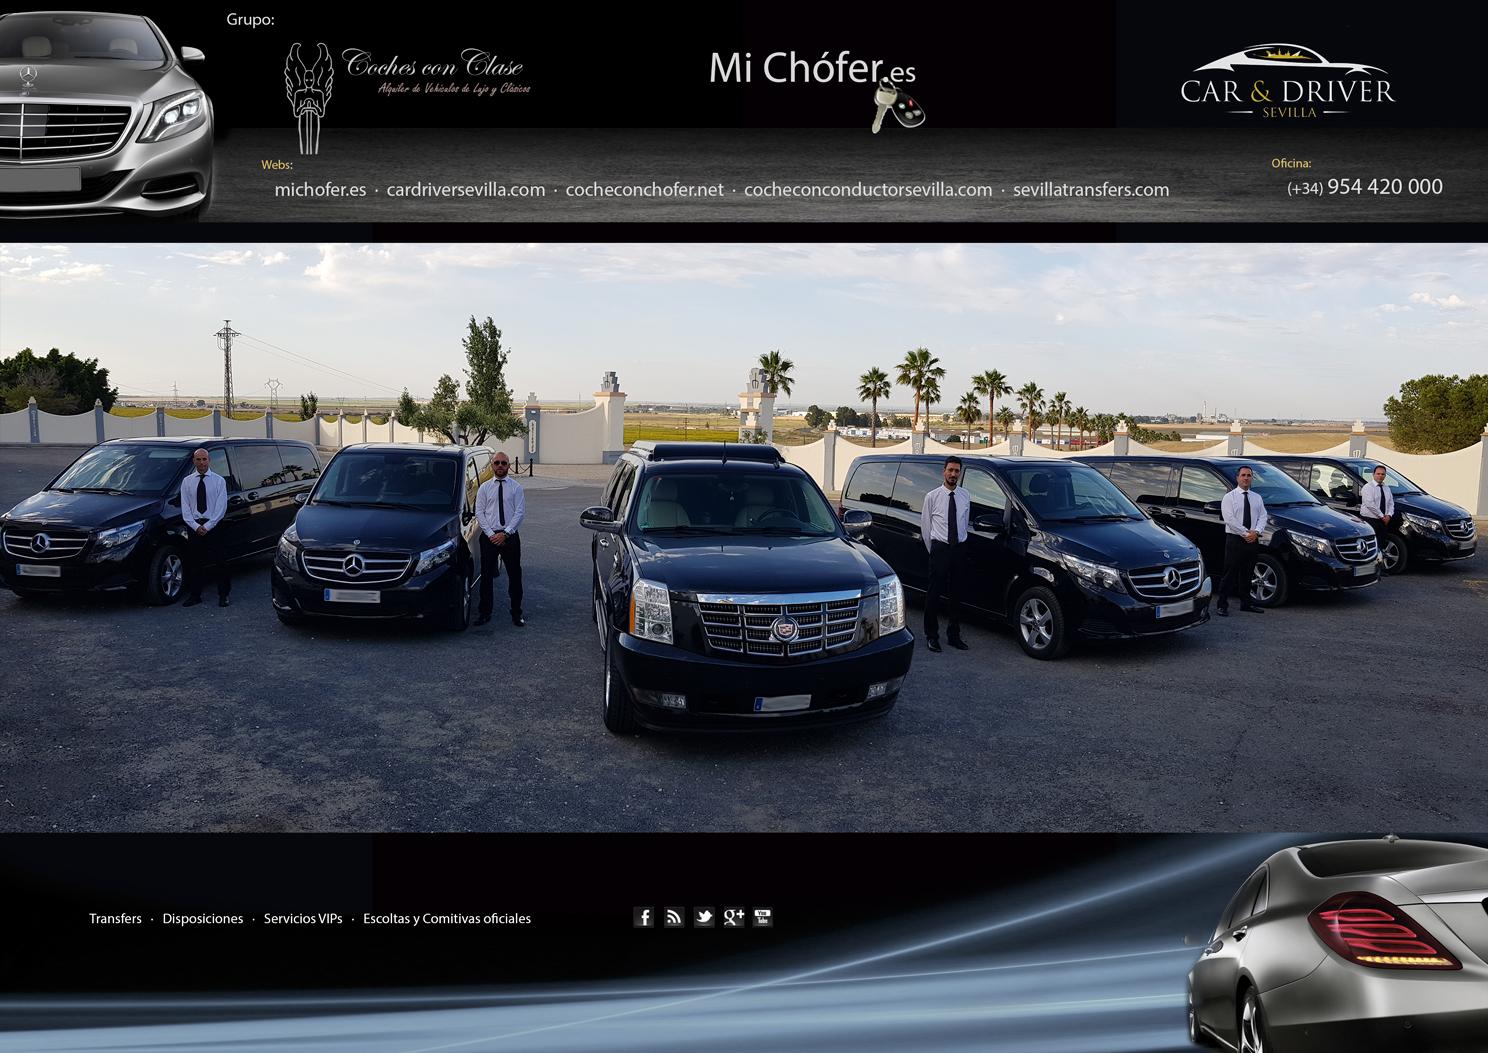 minivan-con-chofer-para-eventos-3